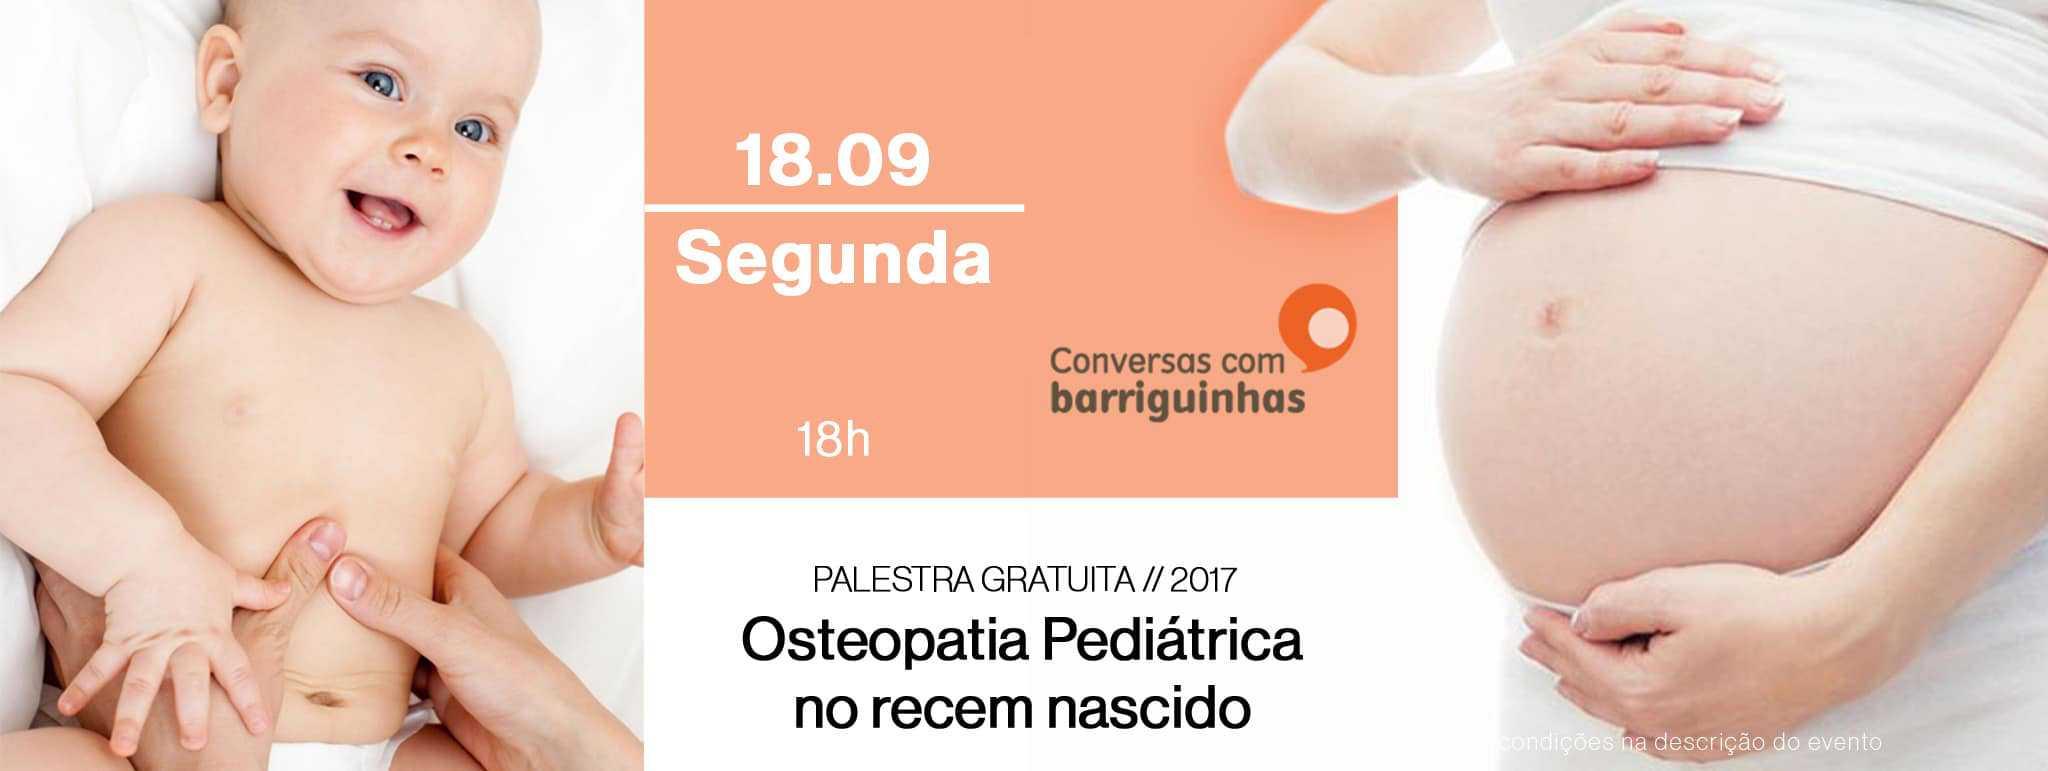 Palestra-Osteopatia-Pediatrica-Conversas-com-Barriguinhas-Clinica-Medica-do-Porto